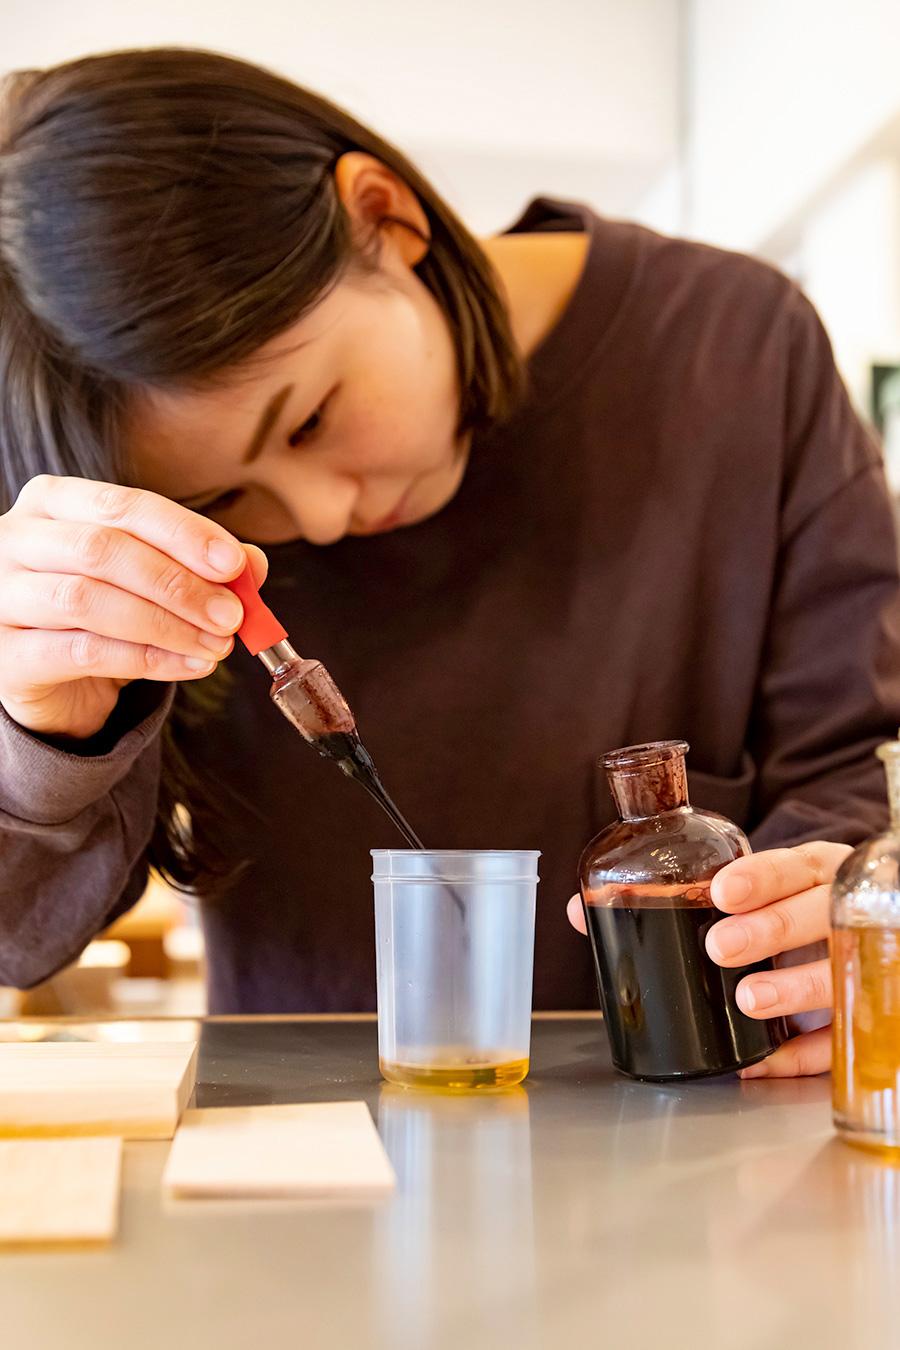 「Mixing Bar」ではワトコオイルを混ぜて好きな色を作り、試し塗りができる。木の素材によって発色がまったく違うので試し塗りできるのはありがたい。「ハケでもウエスでも塗れます」。